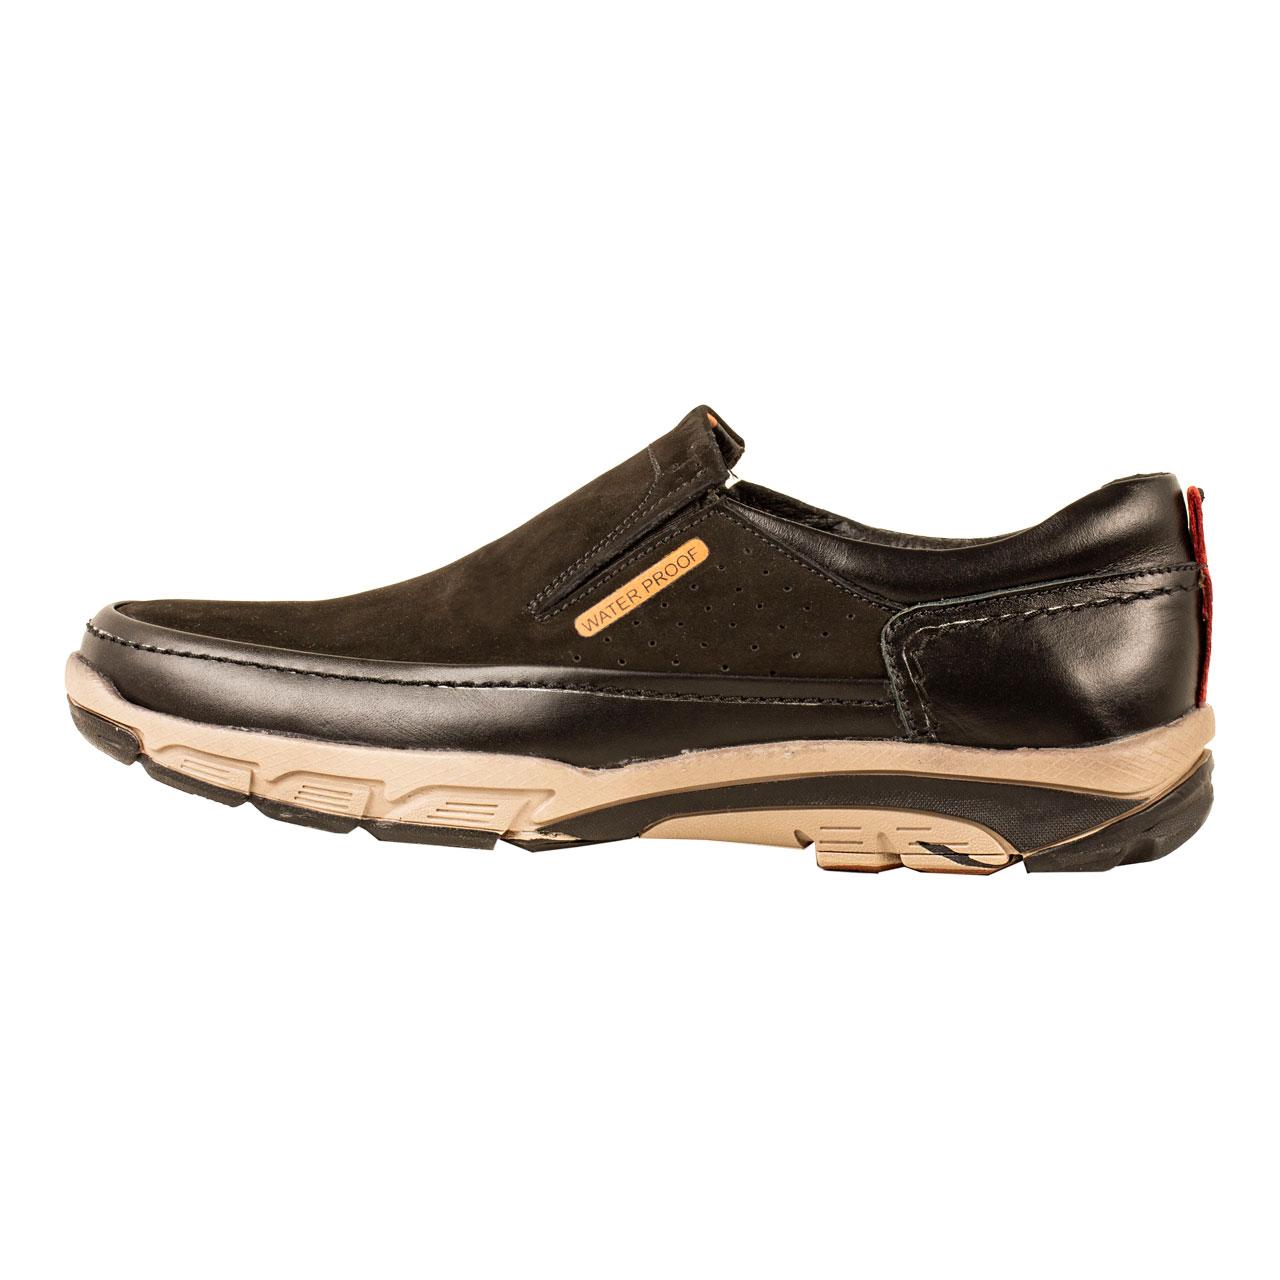 کفش روزمره مردانه پارینه چرم مدل SHO179